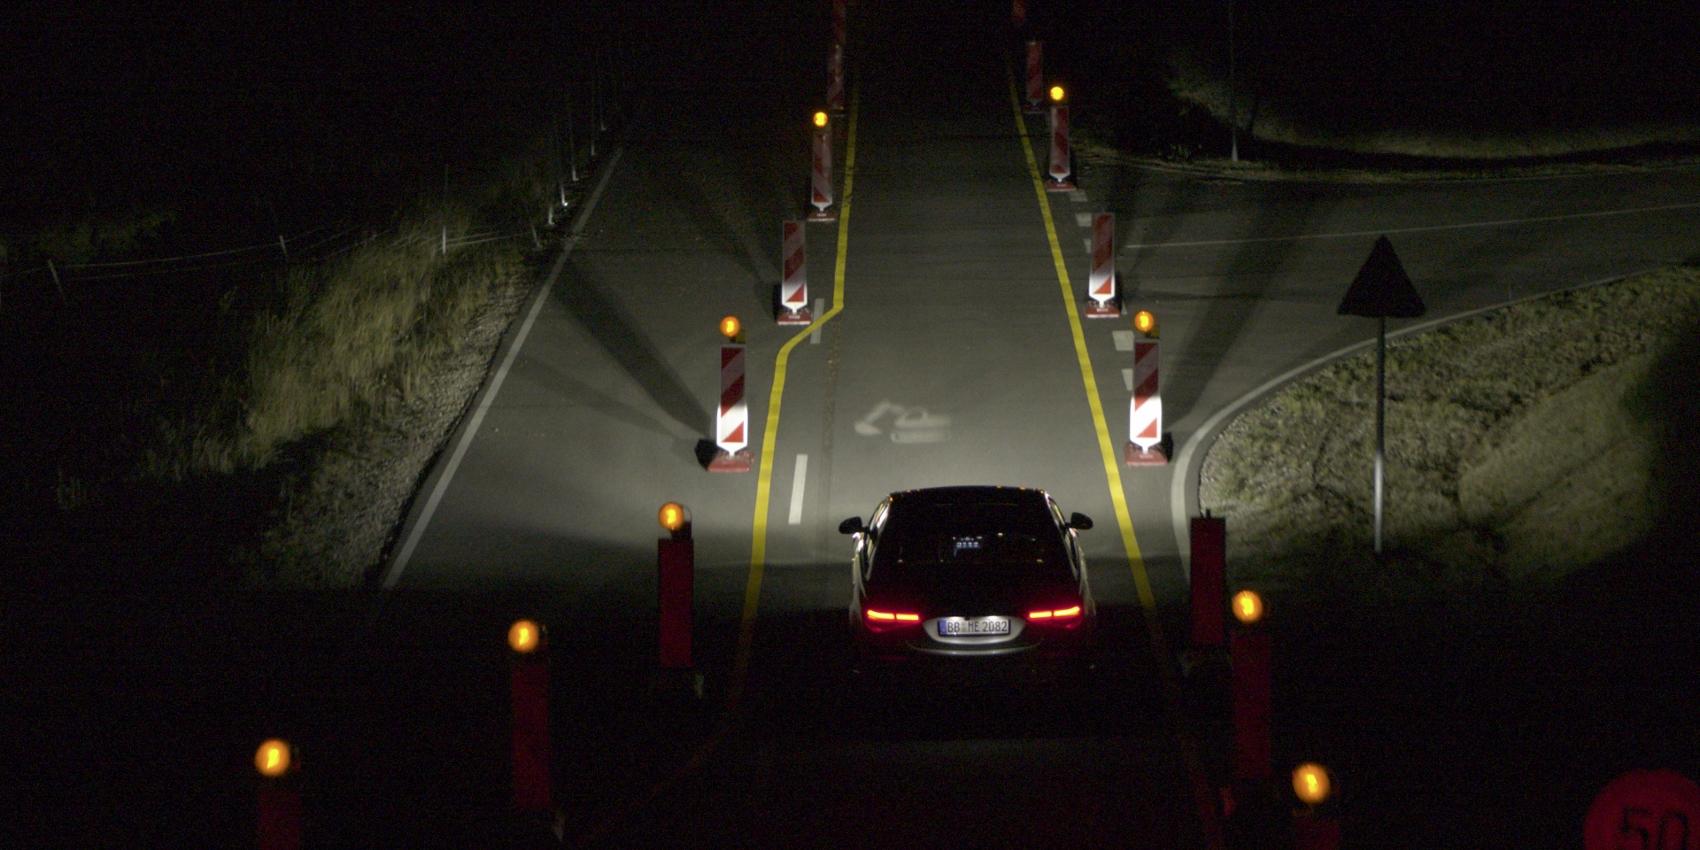 Nový Mercedes S je najpokročilejším Mercedesom v histórii CvY1Po4dpS 20c0431003-1700x850